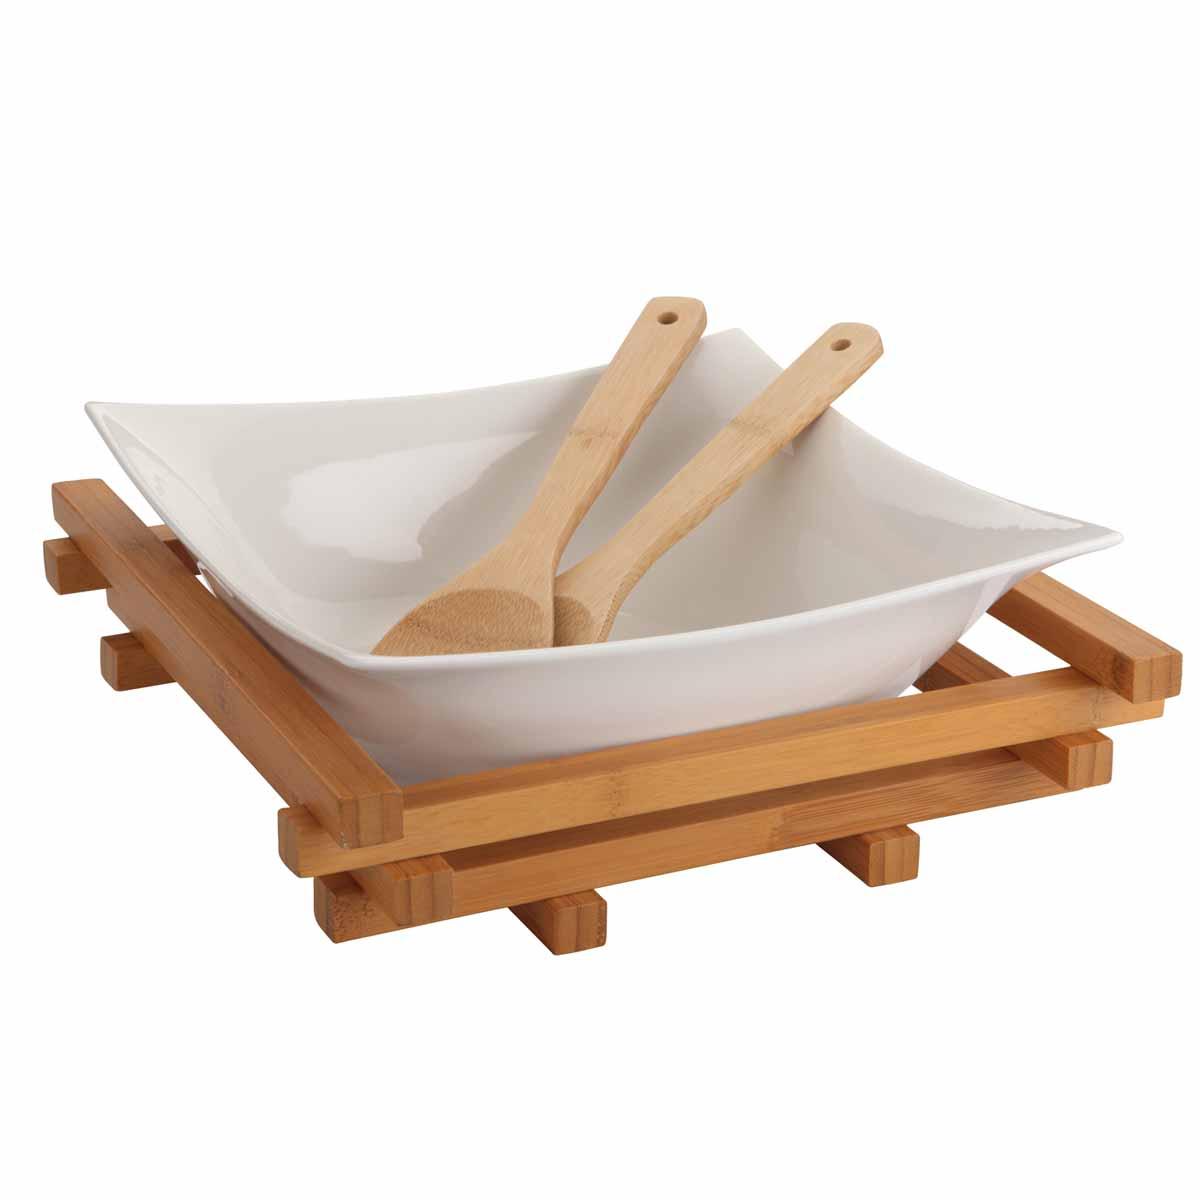 Салатница Dekok, с 2 ложками, с подставкой, 25 см х 25 смPW-2712Салатница Dekok изготовлена из фарфора и имеет оригинальную форму. Посуда безопасна для здоровья и окружающей среды. Изделие размещено на подставке, выполненной из бамбука. Такая салатница прекрасно подходит для различных блюд: хлопьев, салатов и многого другого. Она дополнит коллекцию вашей кухонной посуды и будет служить долгие годы. В наборе - 2 сервировочные ложки, выполненные из бамбука.Размер салатницы (по верхнему краю): 25 см х 25 см. Высота стенки салатницы: 9,5 см.Длина ложек: 29,5 см.Размер рабочей части ложек: 6 см х 8,5 см.Размер подставки: 28 см х 28 см х 7,6 см.